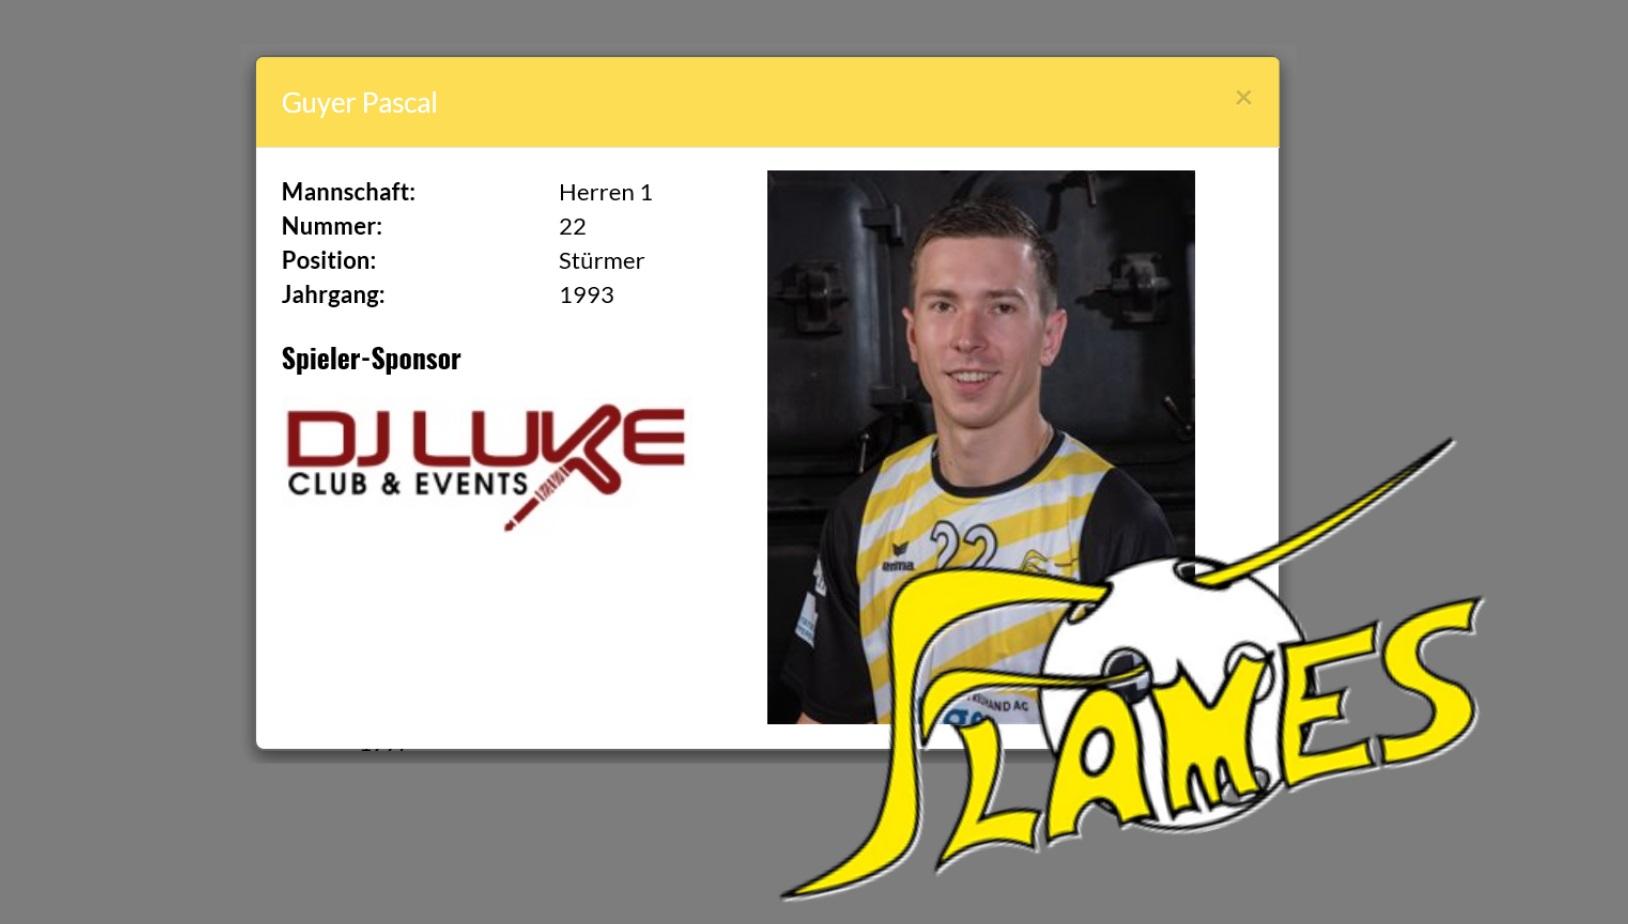 DJ Luke Sponsoring